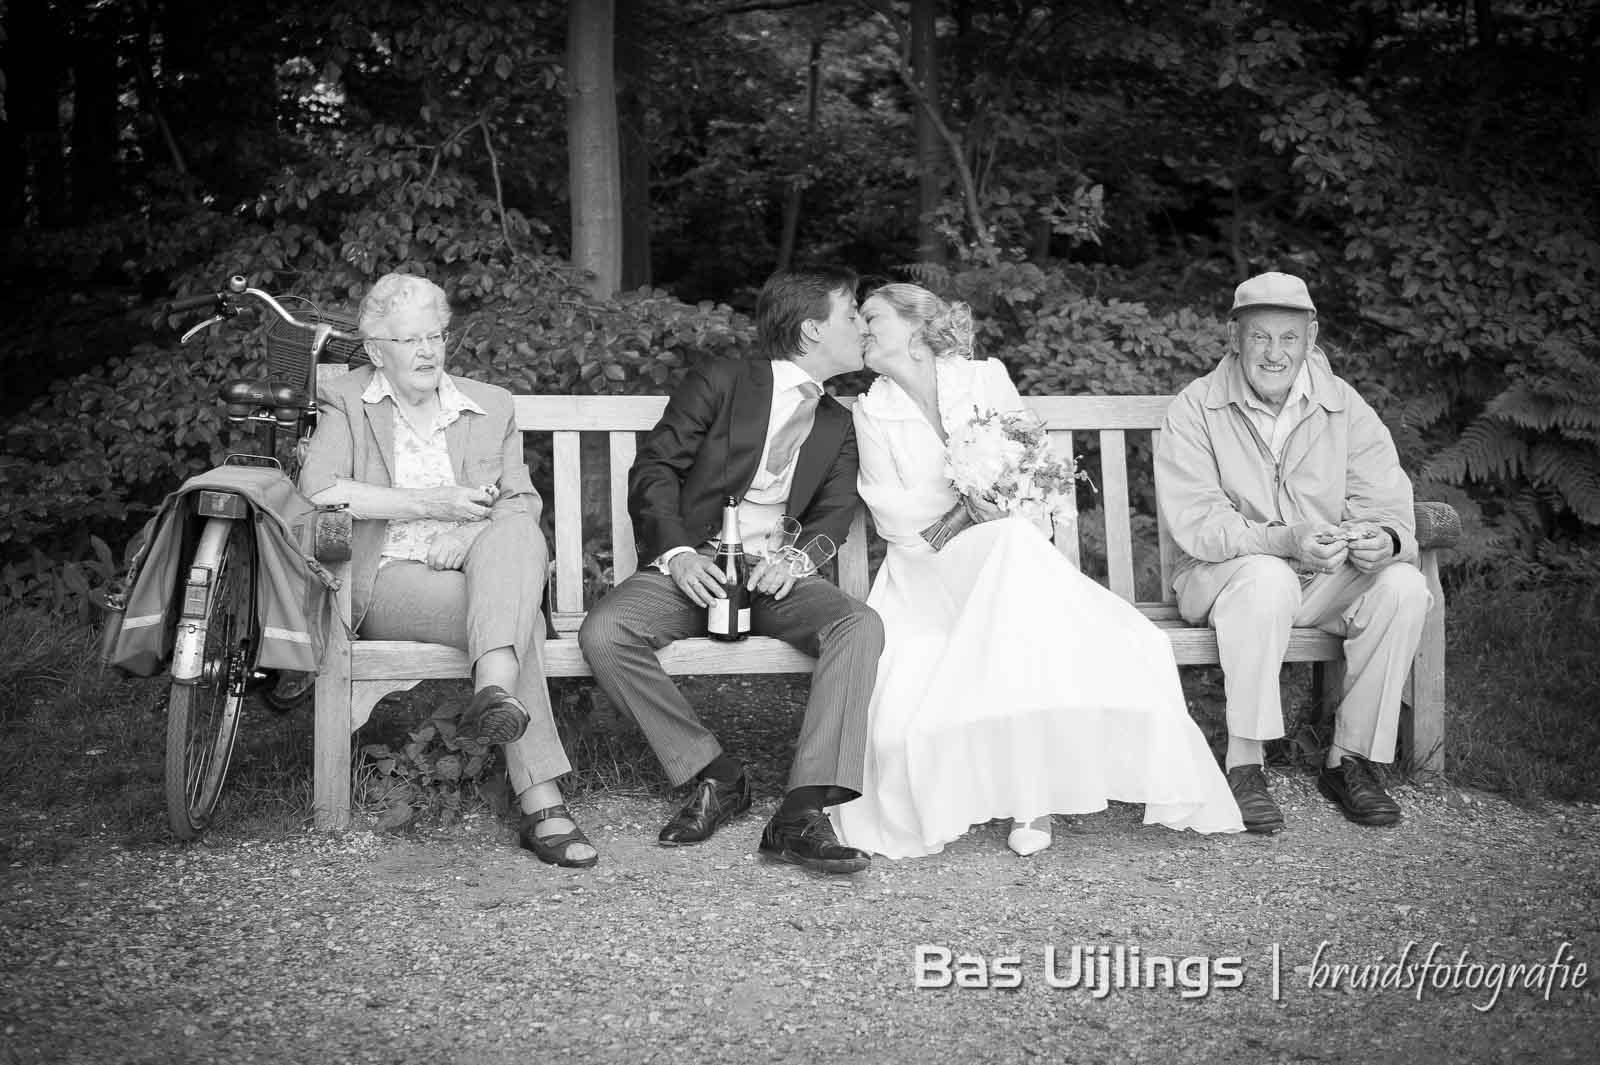 Bruidsfotografie Bilthoven de bruiloft van Jurian en Nathalie